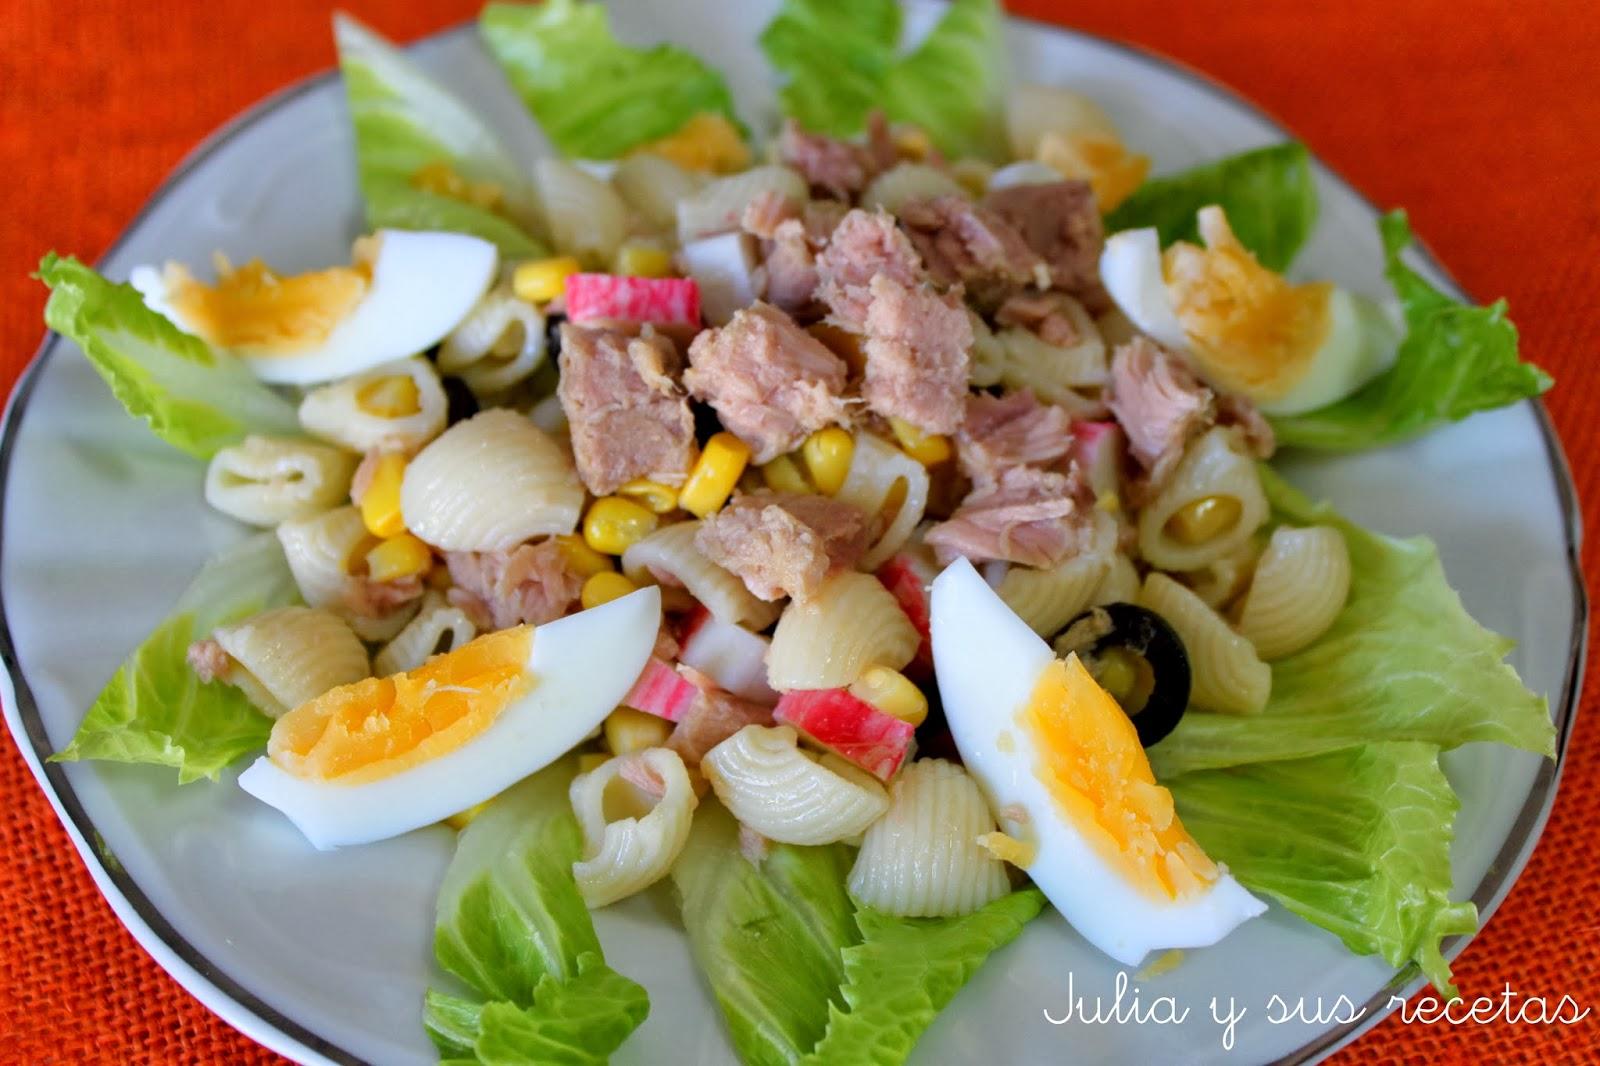 Julia y sus recetas ensalada de pasta con at n - Platos sanos para cenar ...